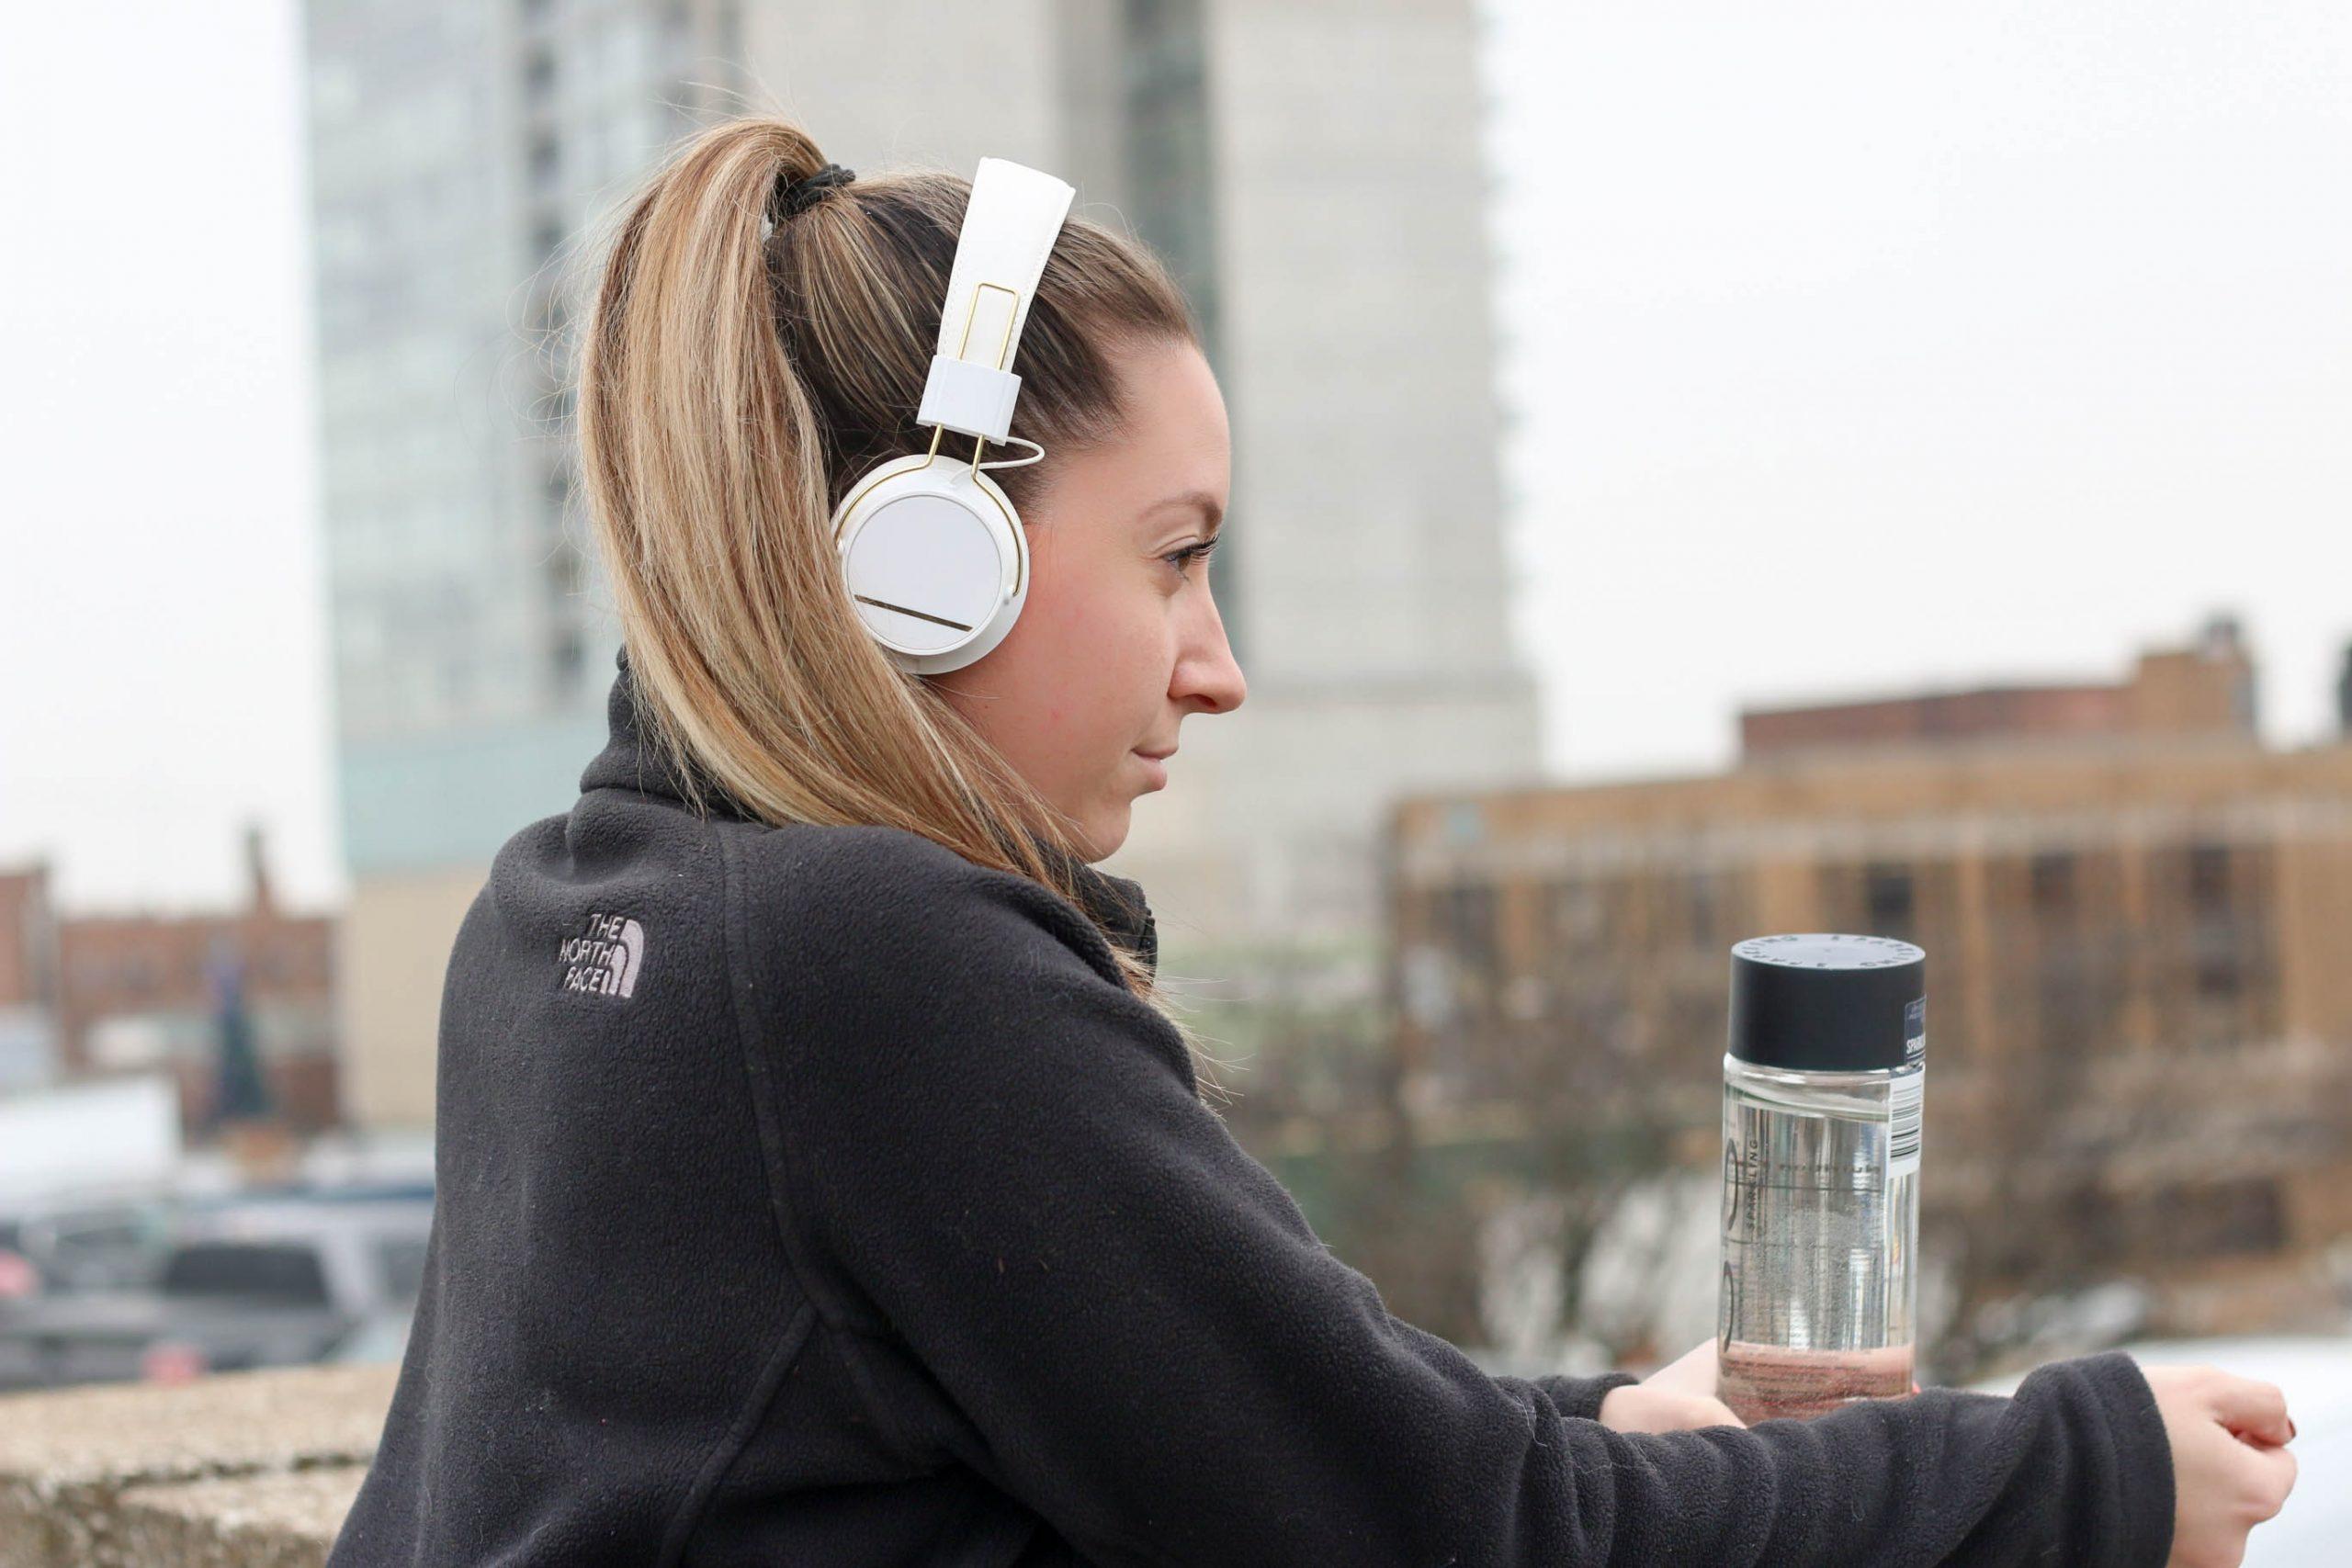 Mulher com roupa de atividade física, fone de ouvido e garrafa d'água de perfil